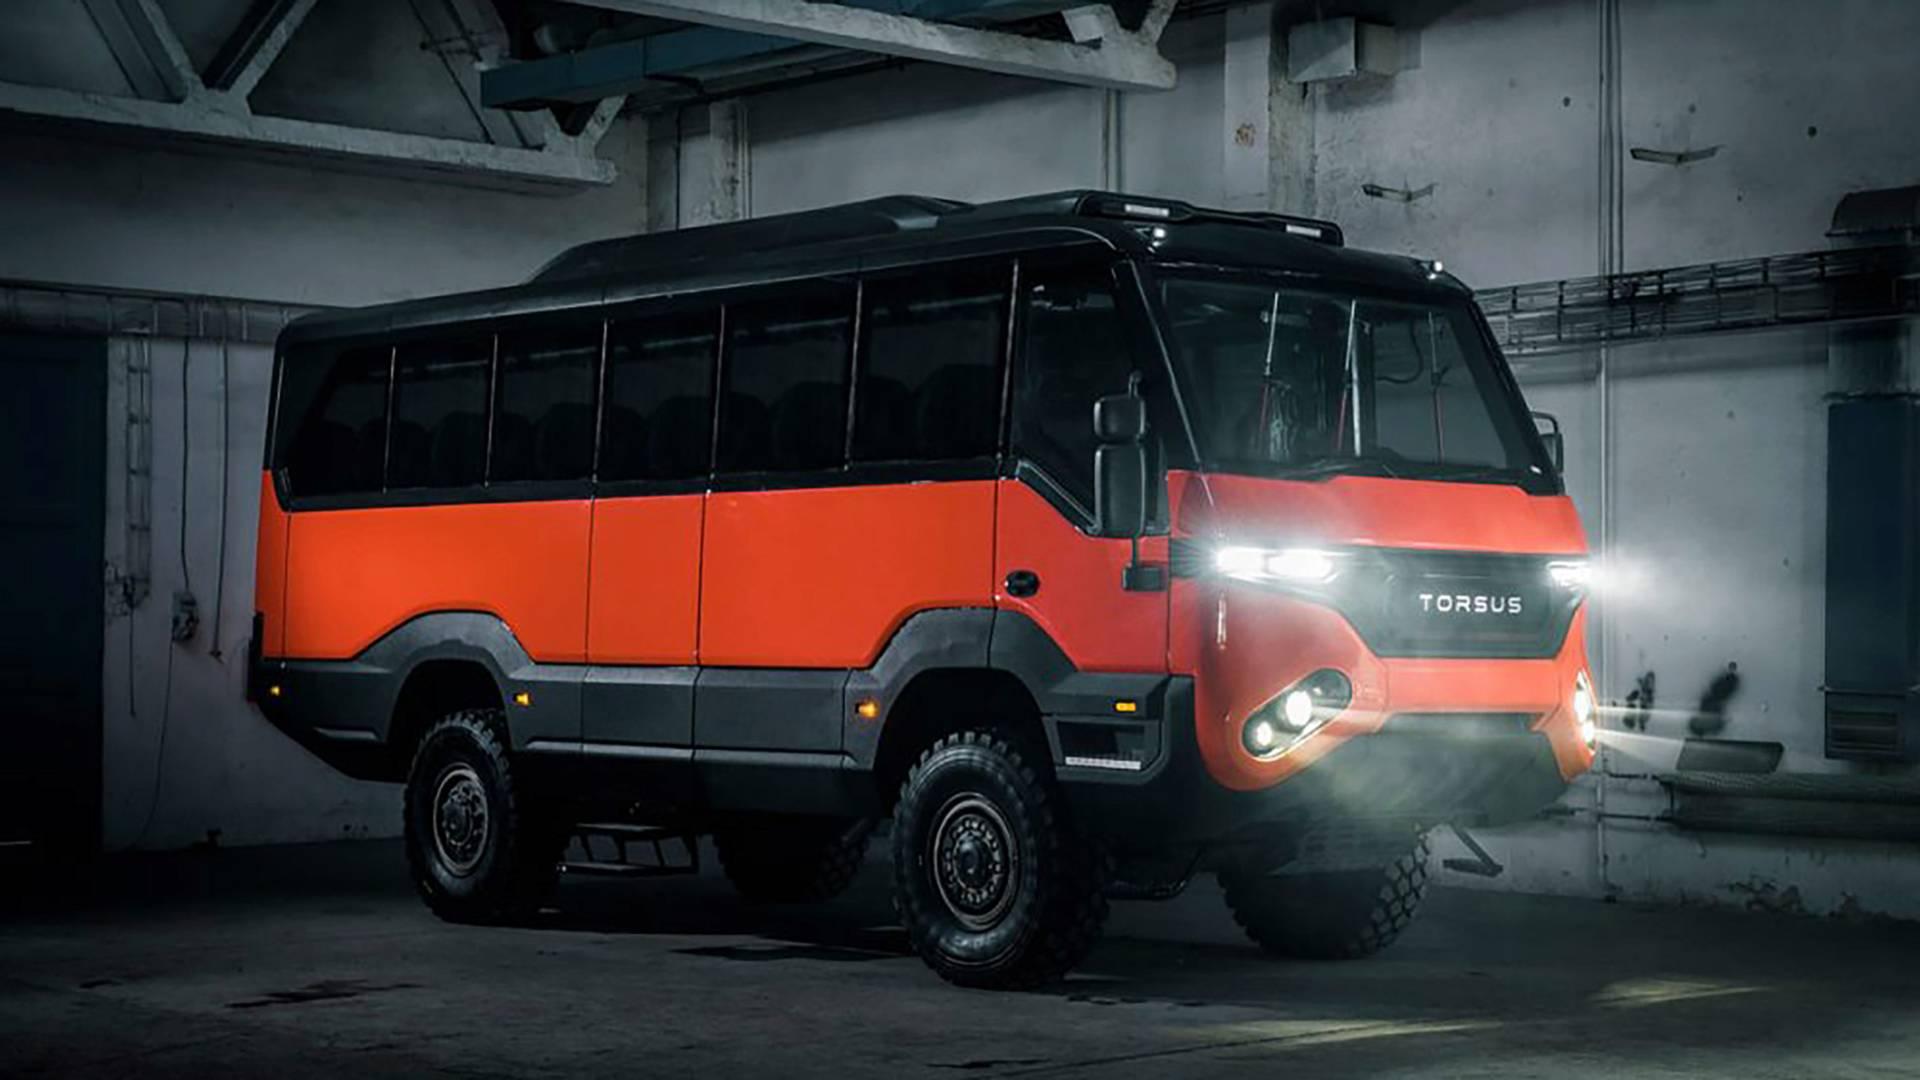 توروس، اولین اتوبوس آفرودر جهان